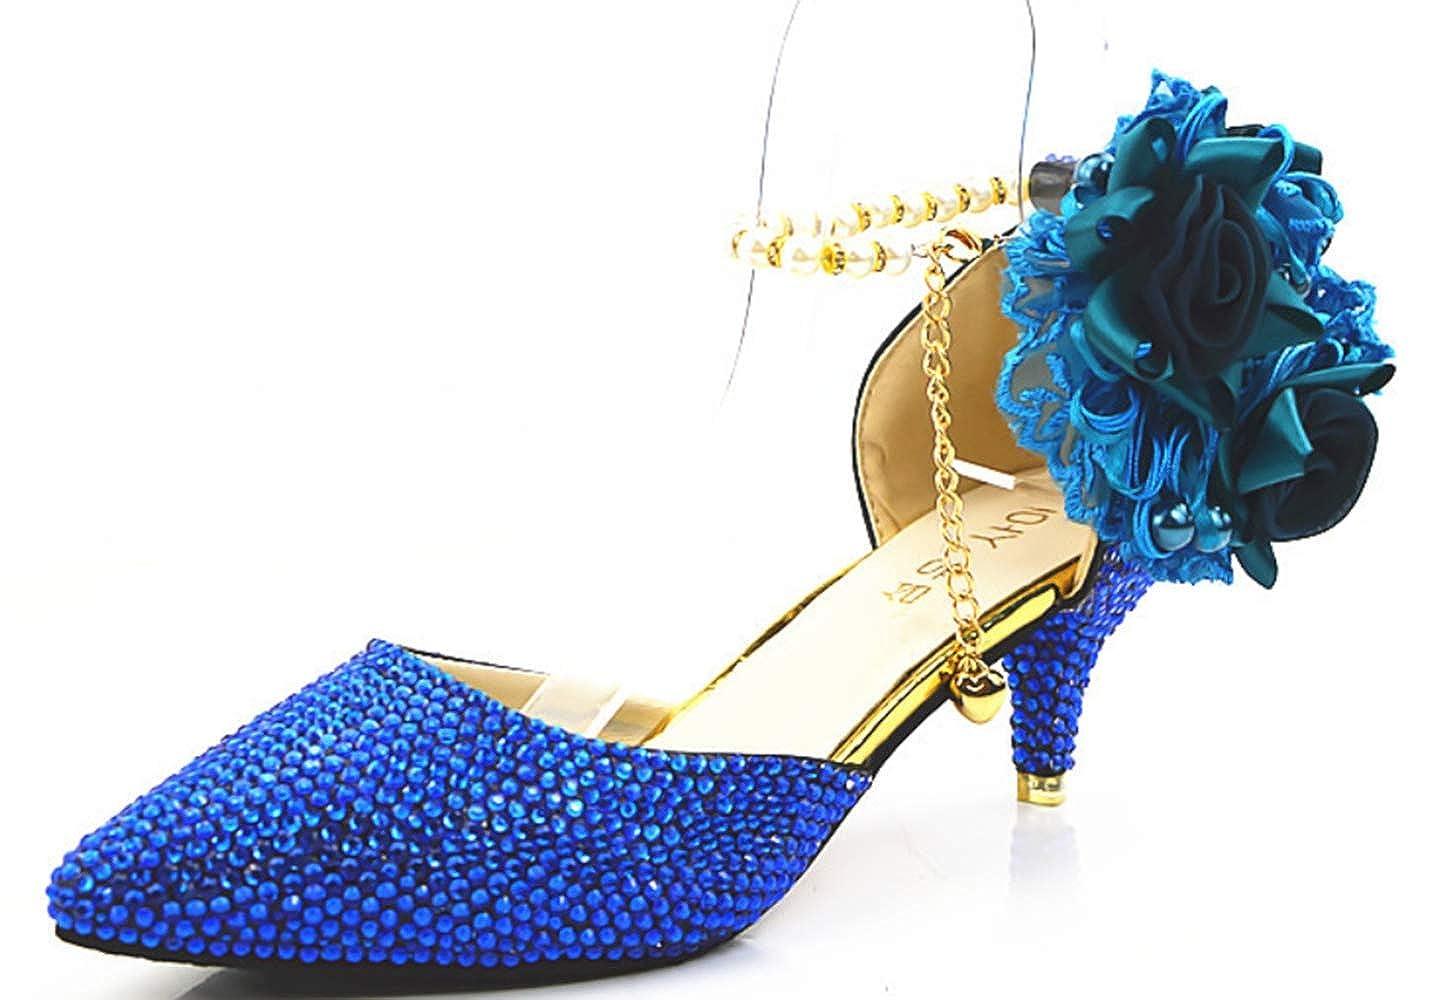 Shiney Damen Wies Blaue Handgefertigte Schuhe Hochzeit High Heel Kristall Sandalen Brautschuhe